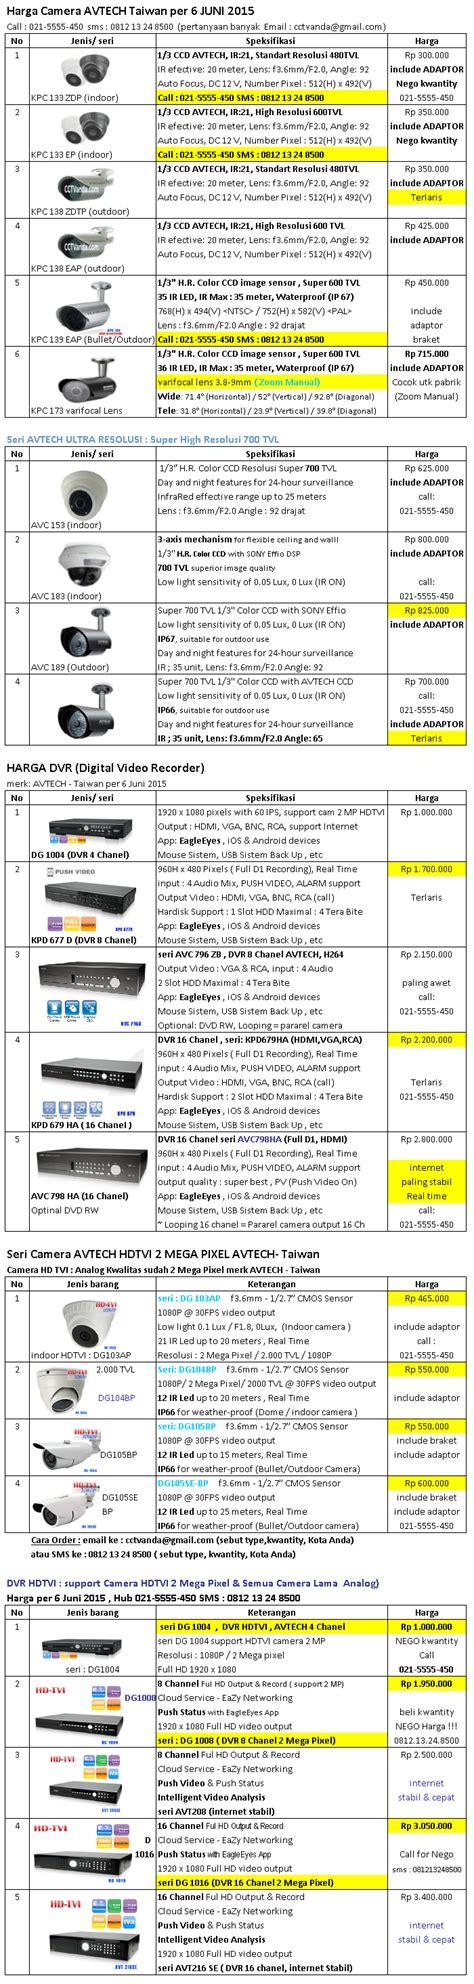 Harga Pers Merk Pers harga cctv dvr avtech per 06 juni 2015 paket cctv